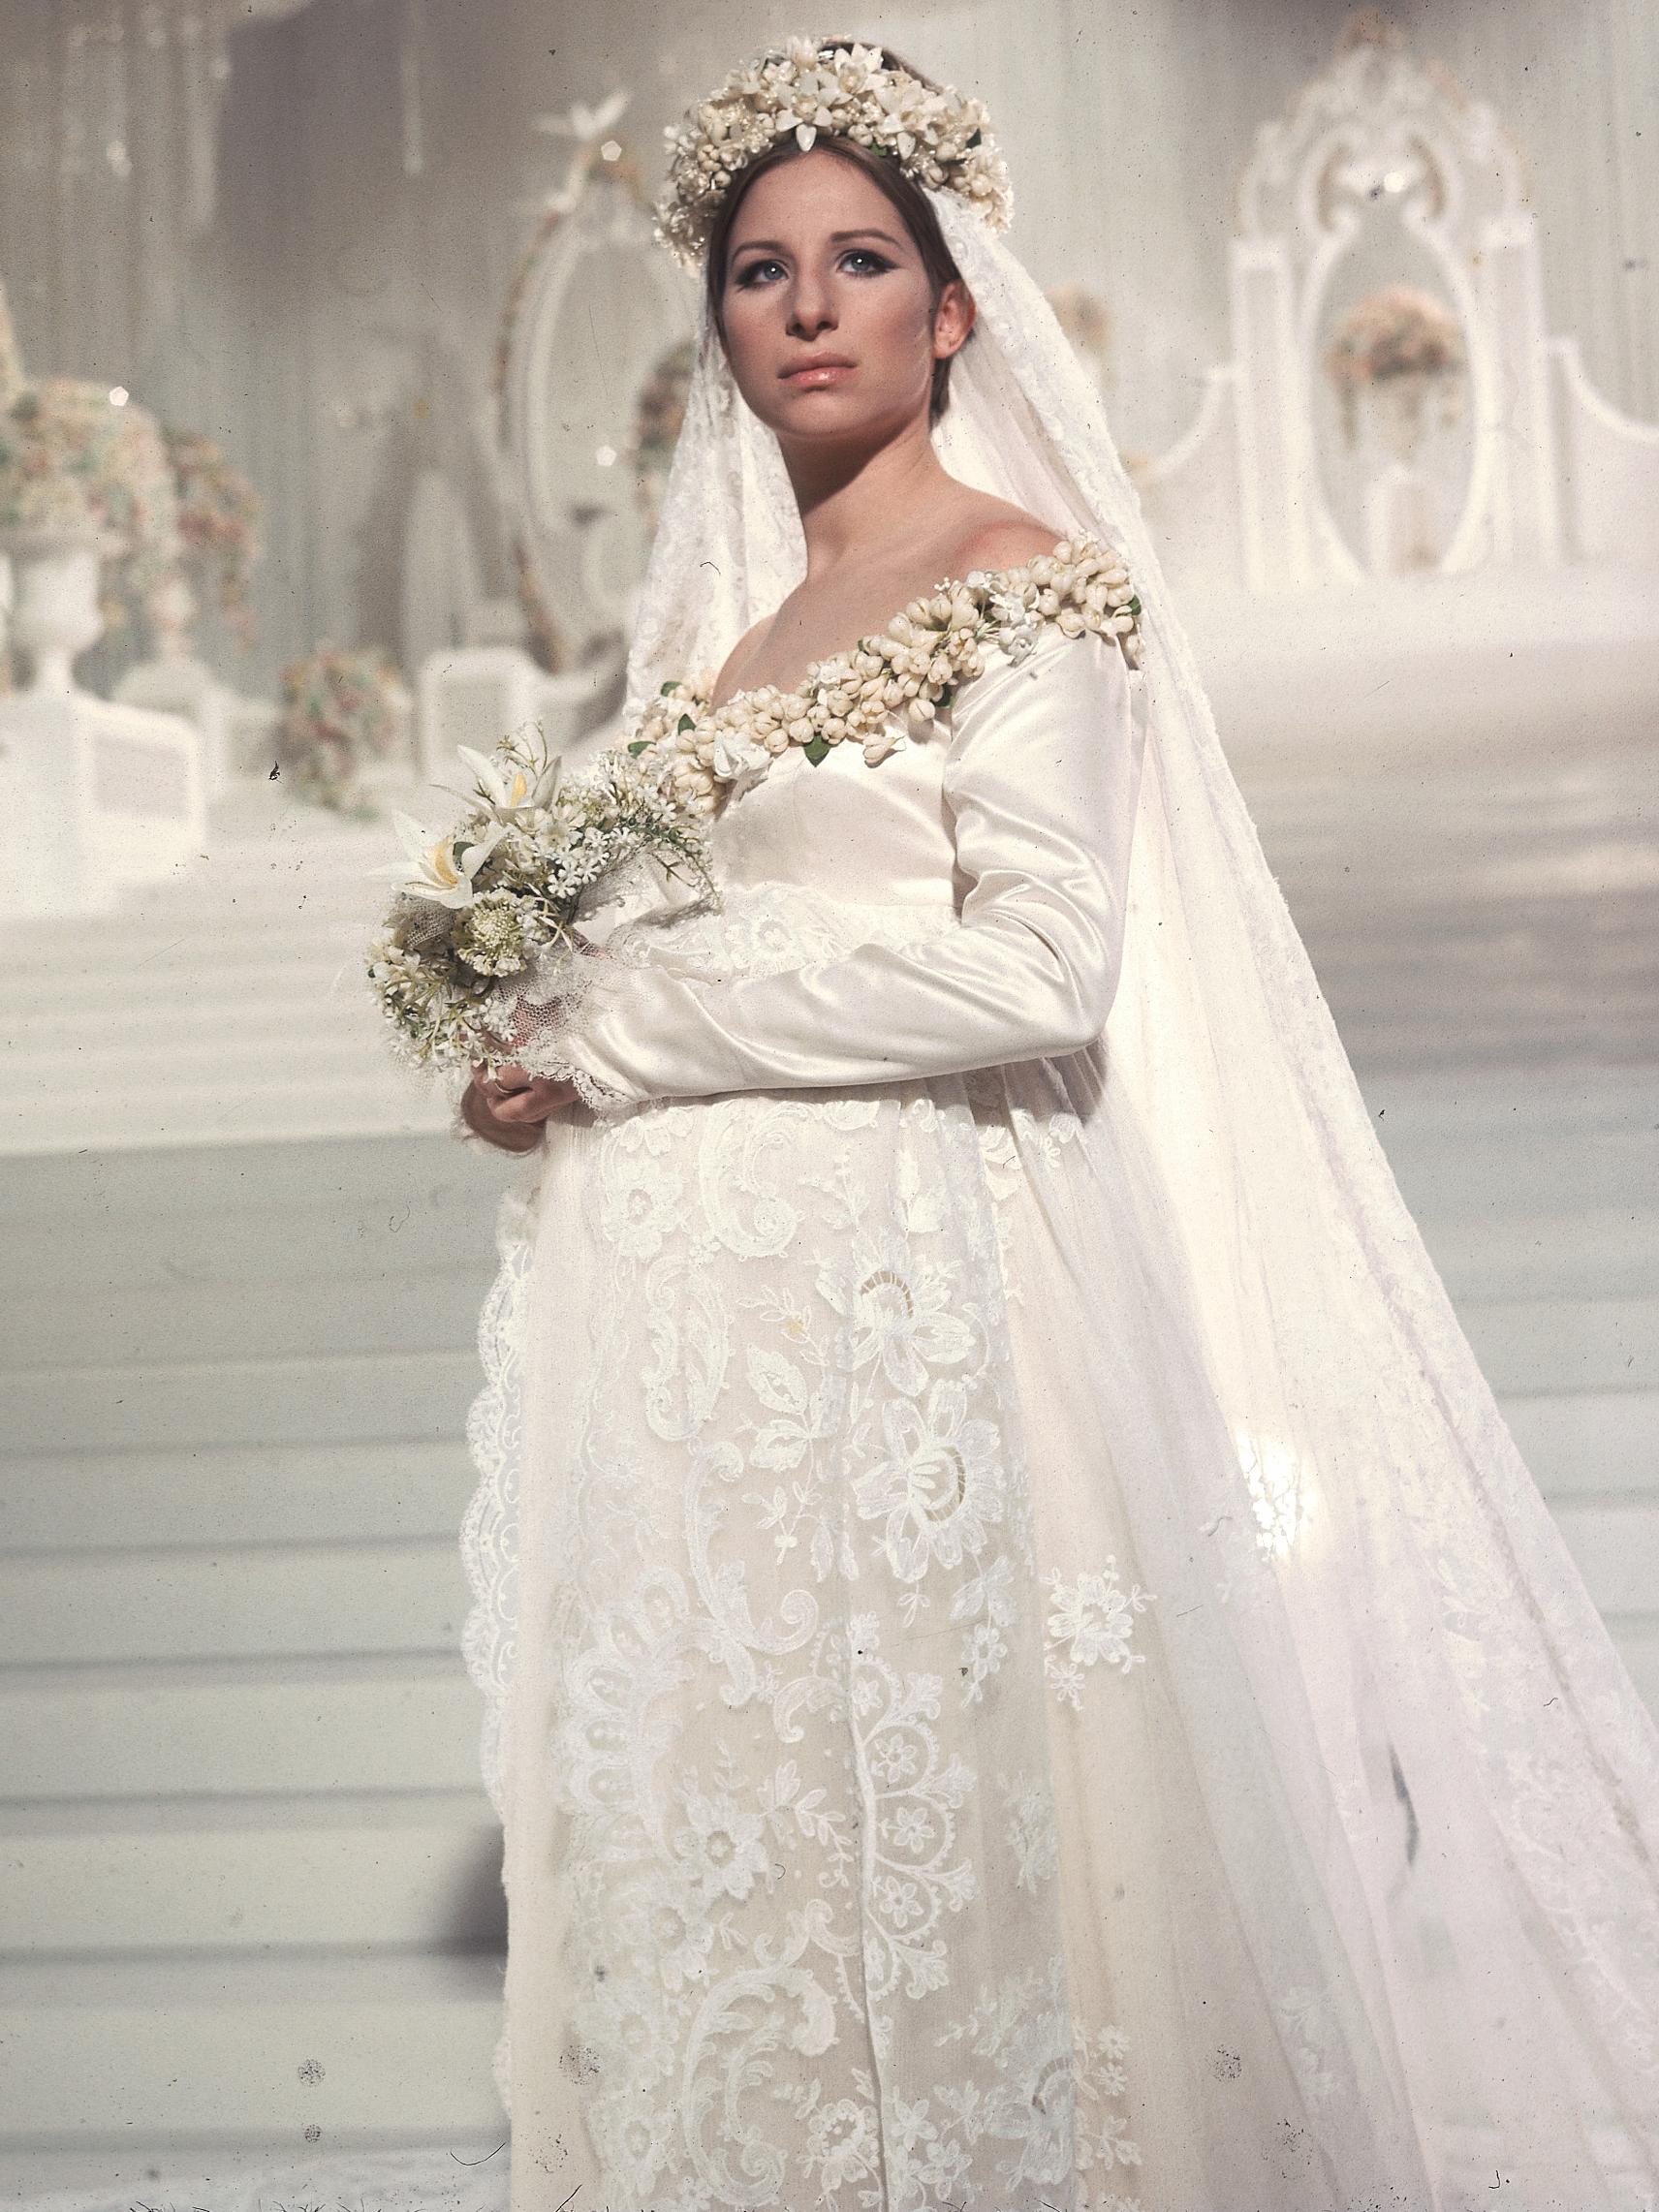 219c0a04da3 Best Wedding Dresses In Movies